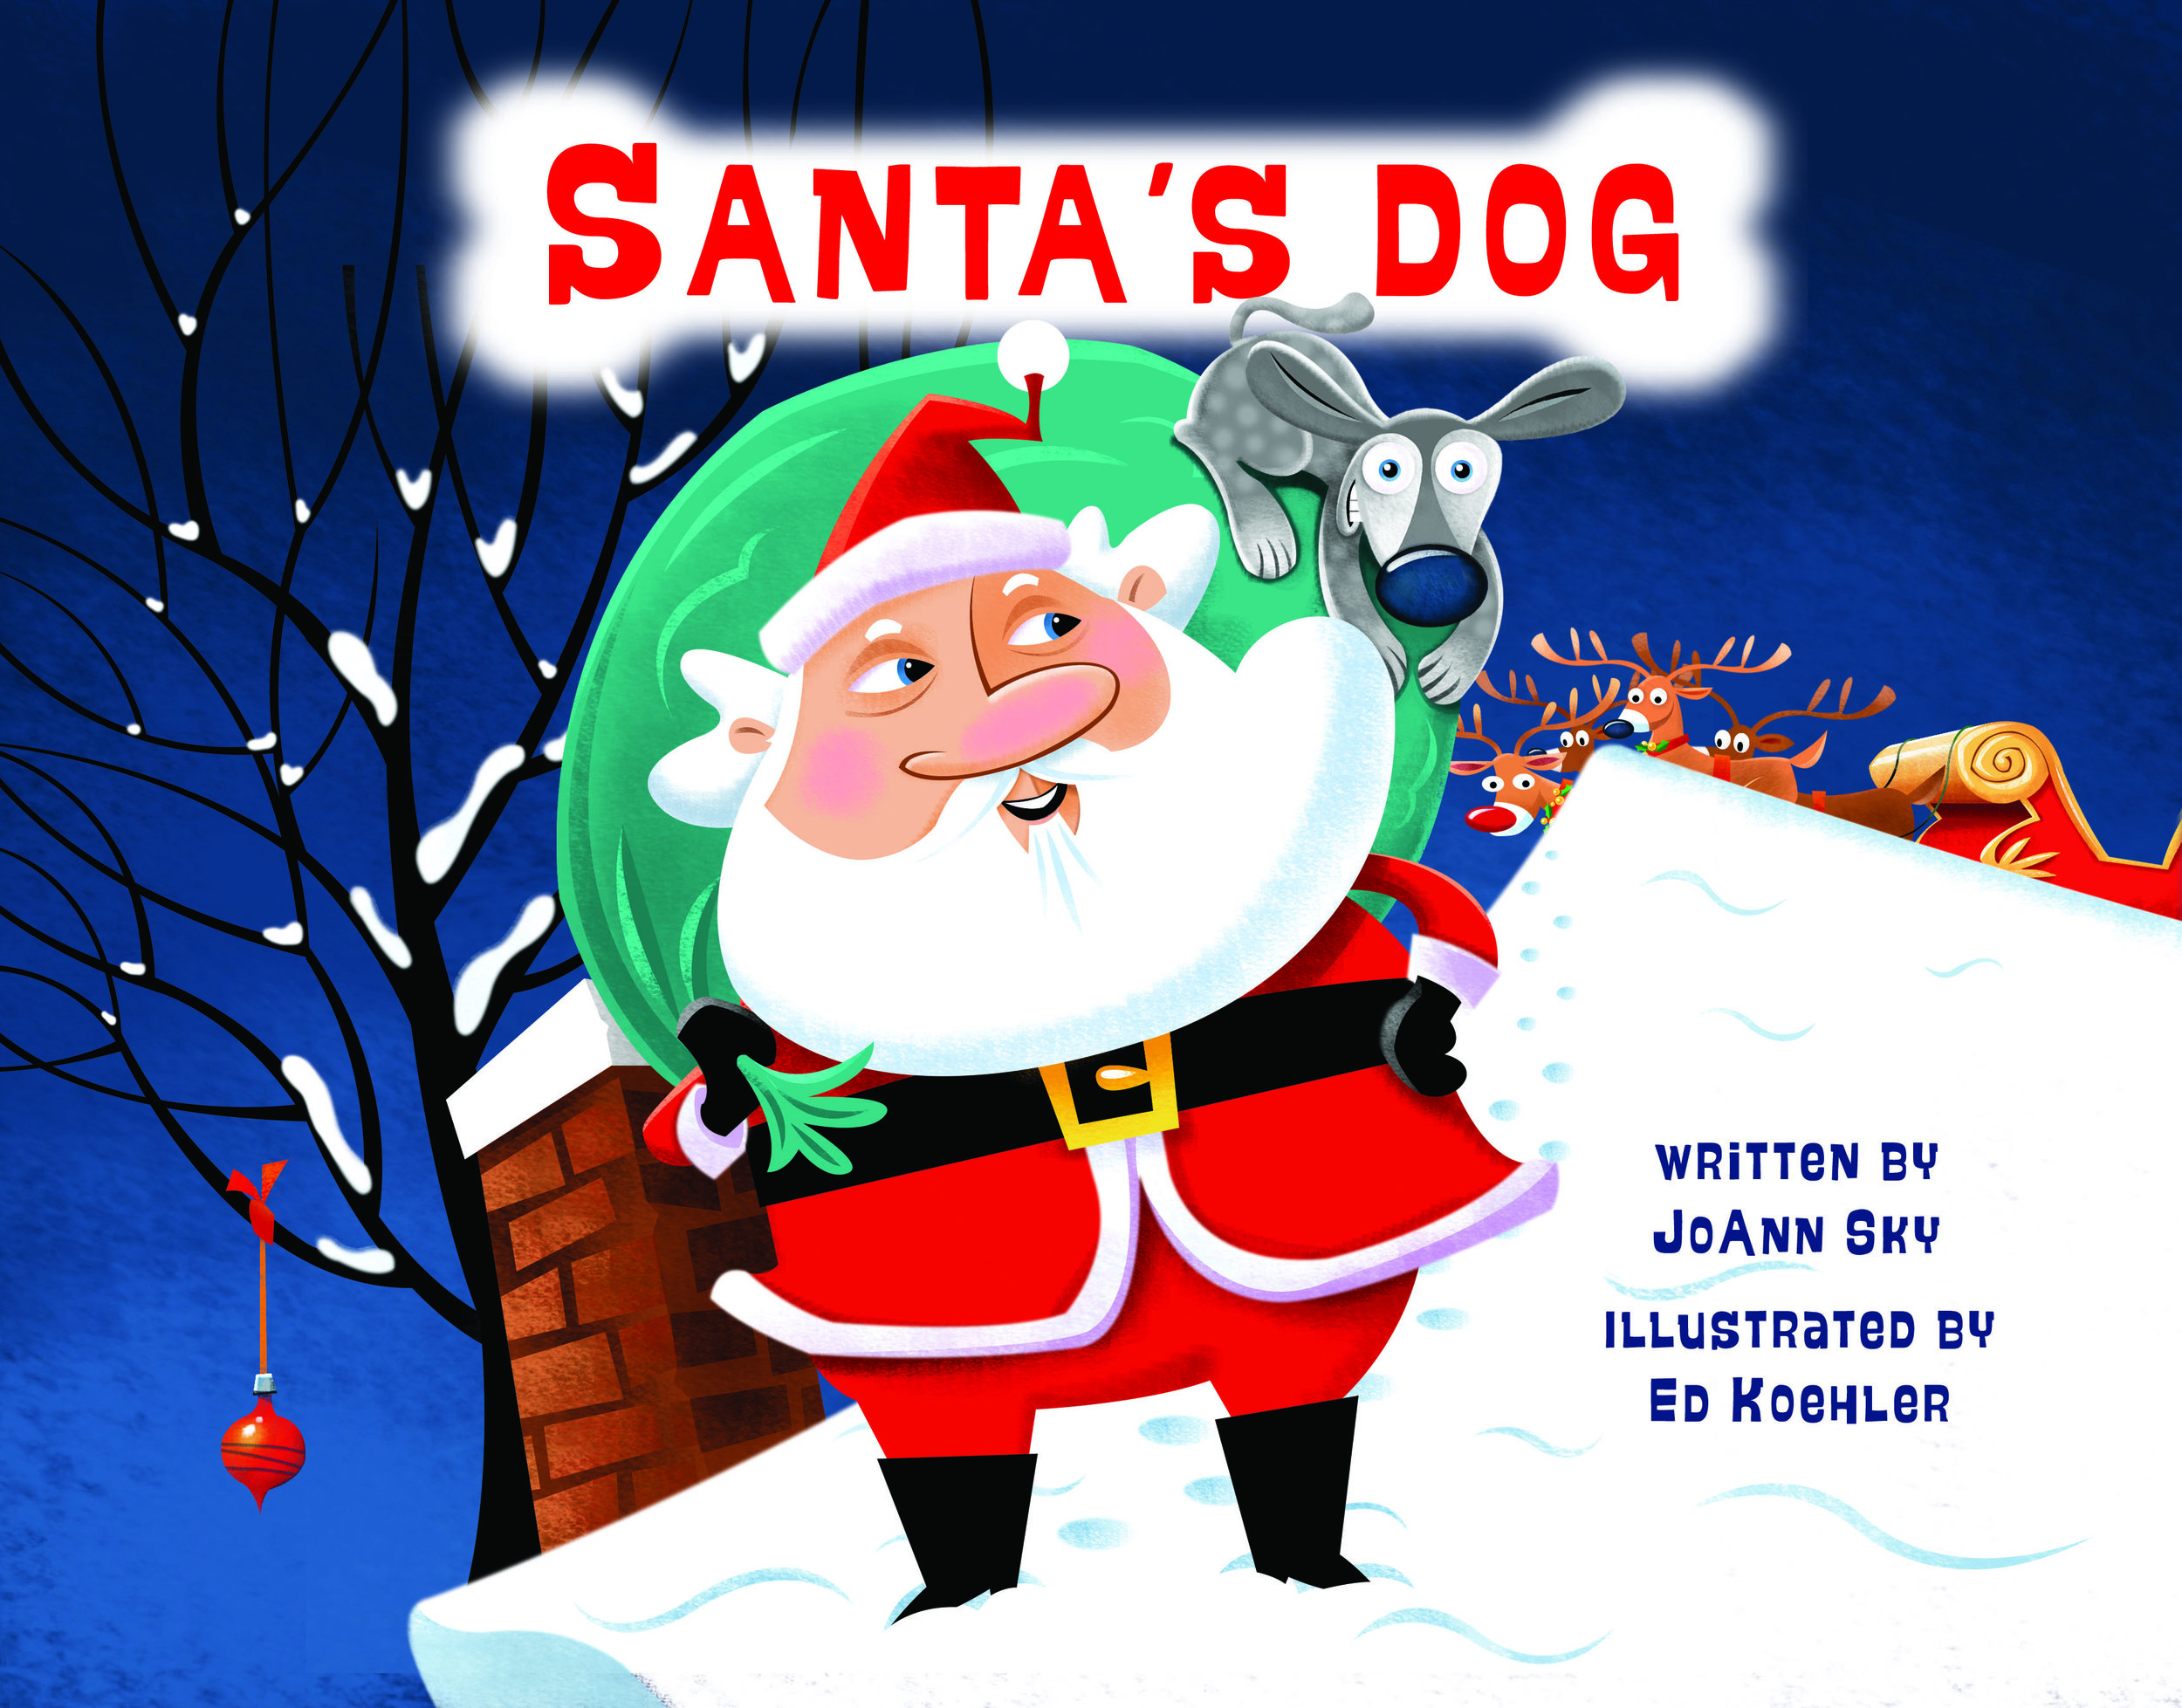 Santa's Dog Cover_JoAnnSky@1,5x.png